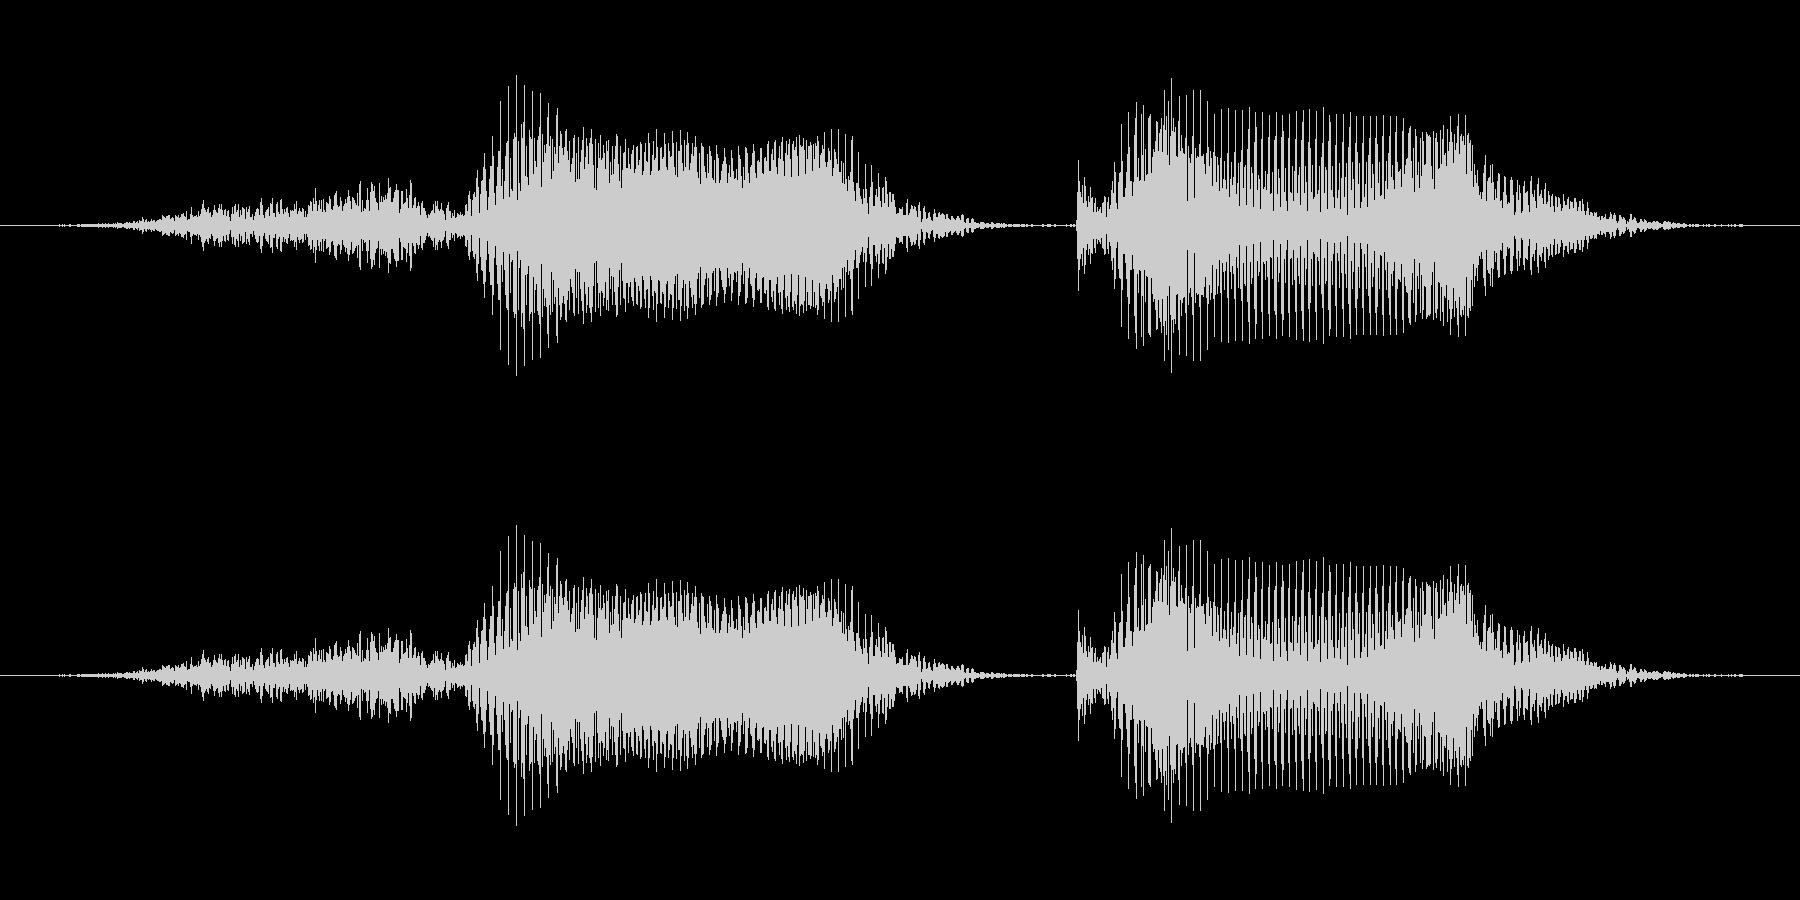 「正解」子供クイズアプリ男性ボイスの未再生の波形